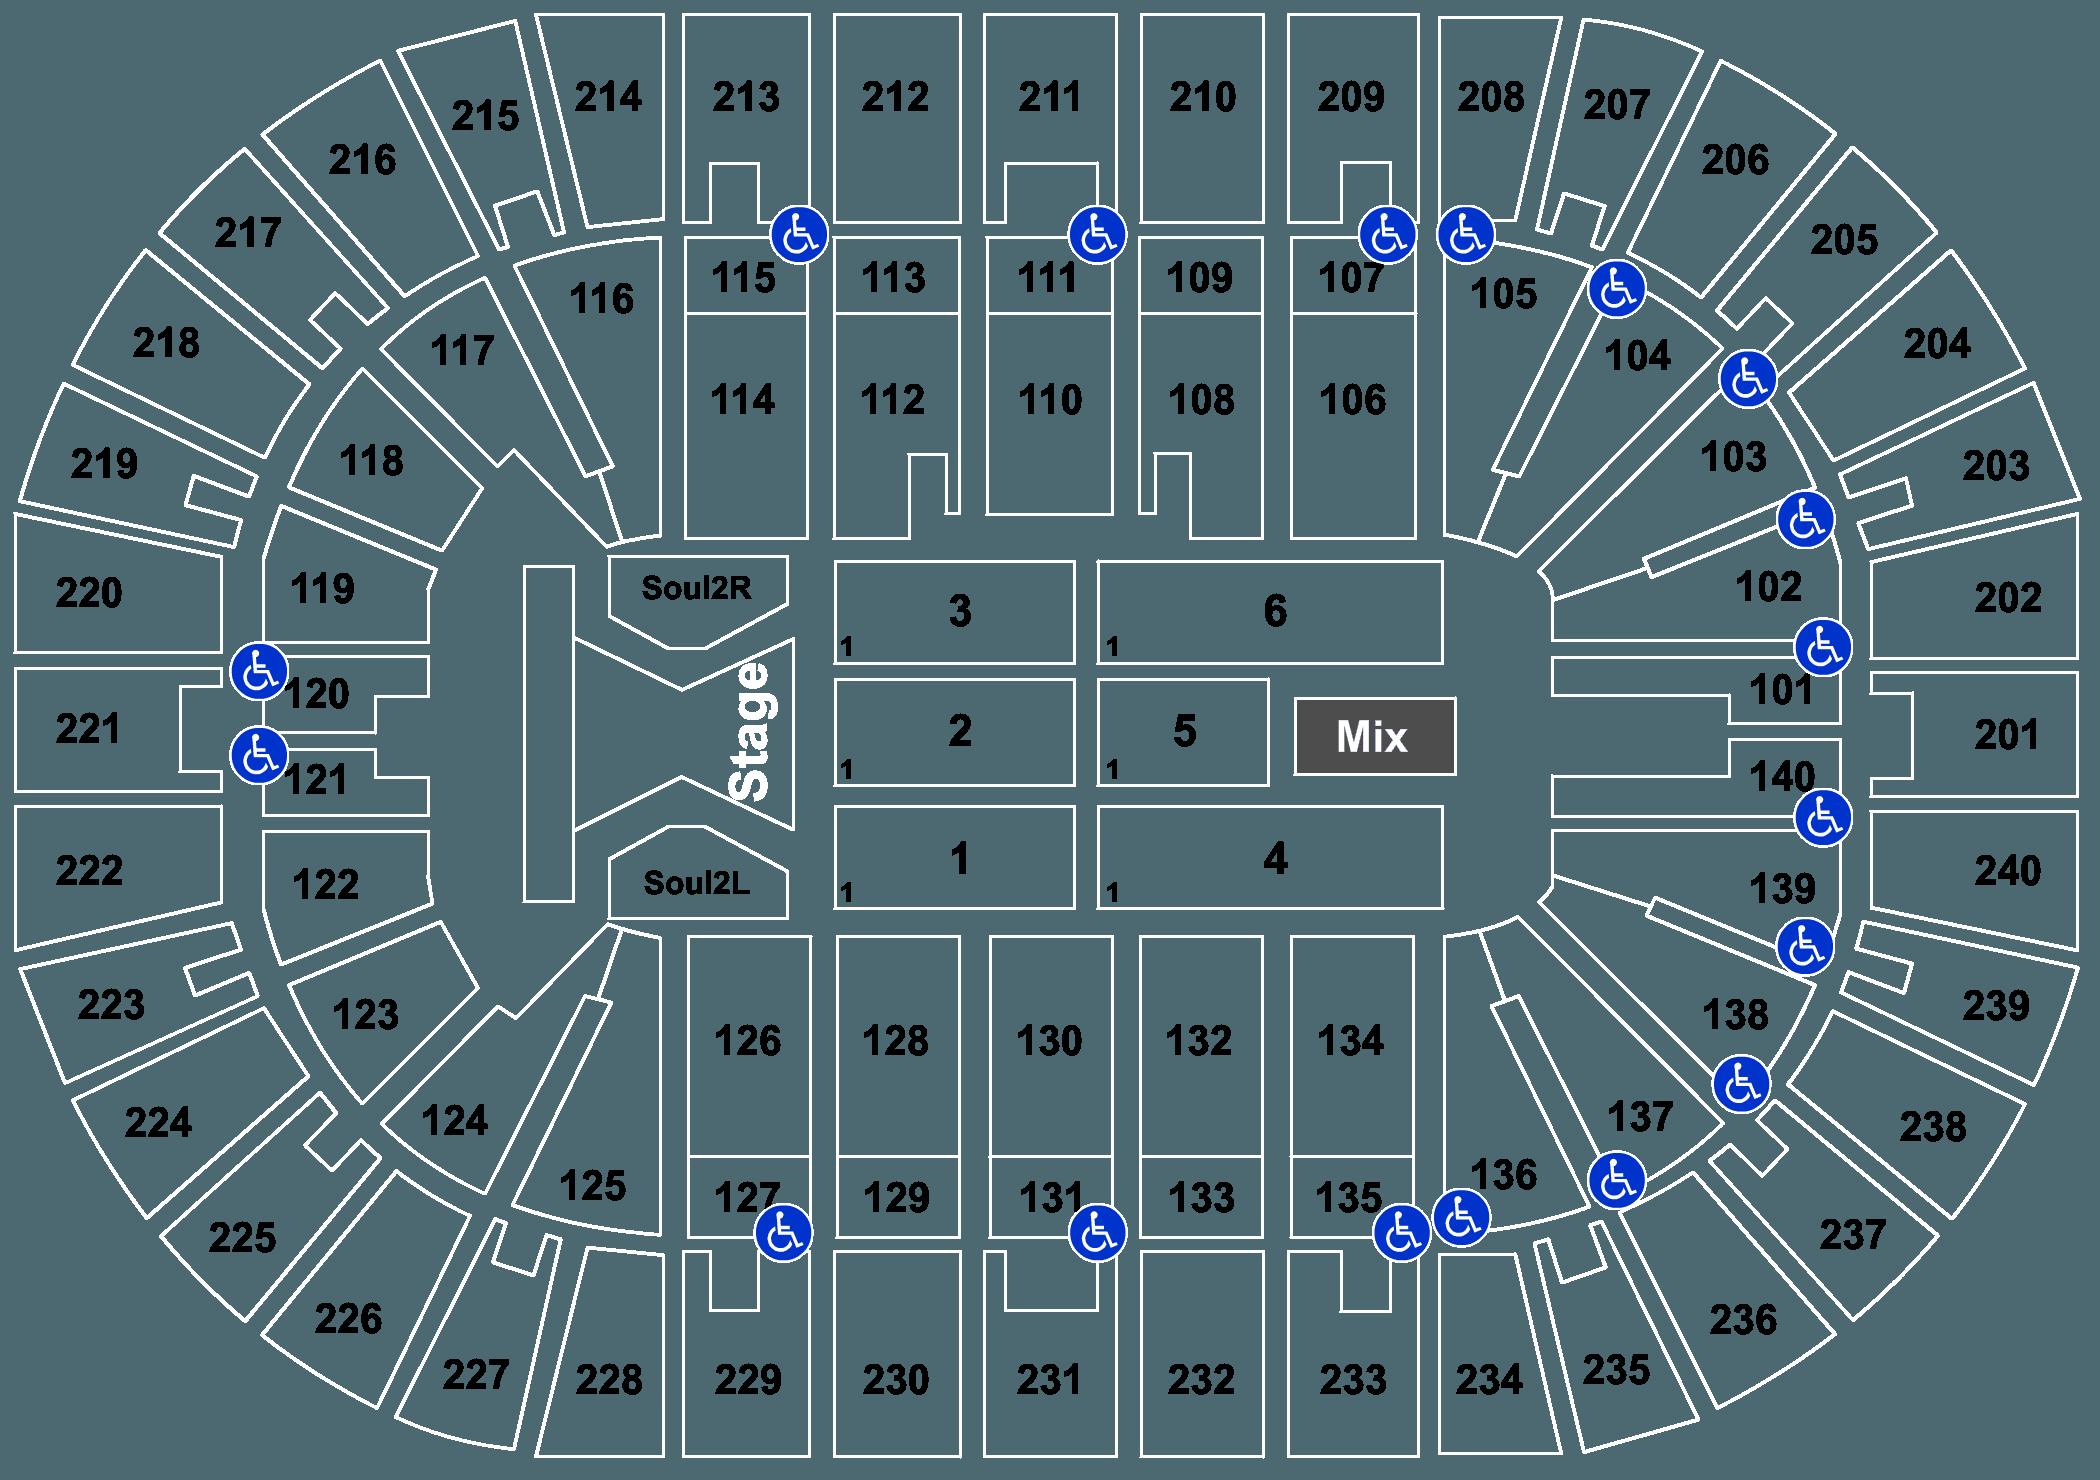 Tim Mcgraw Cincinnati Tickets Official Ticket Tickets Website - Us bank arena cincinnati map